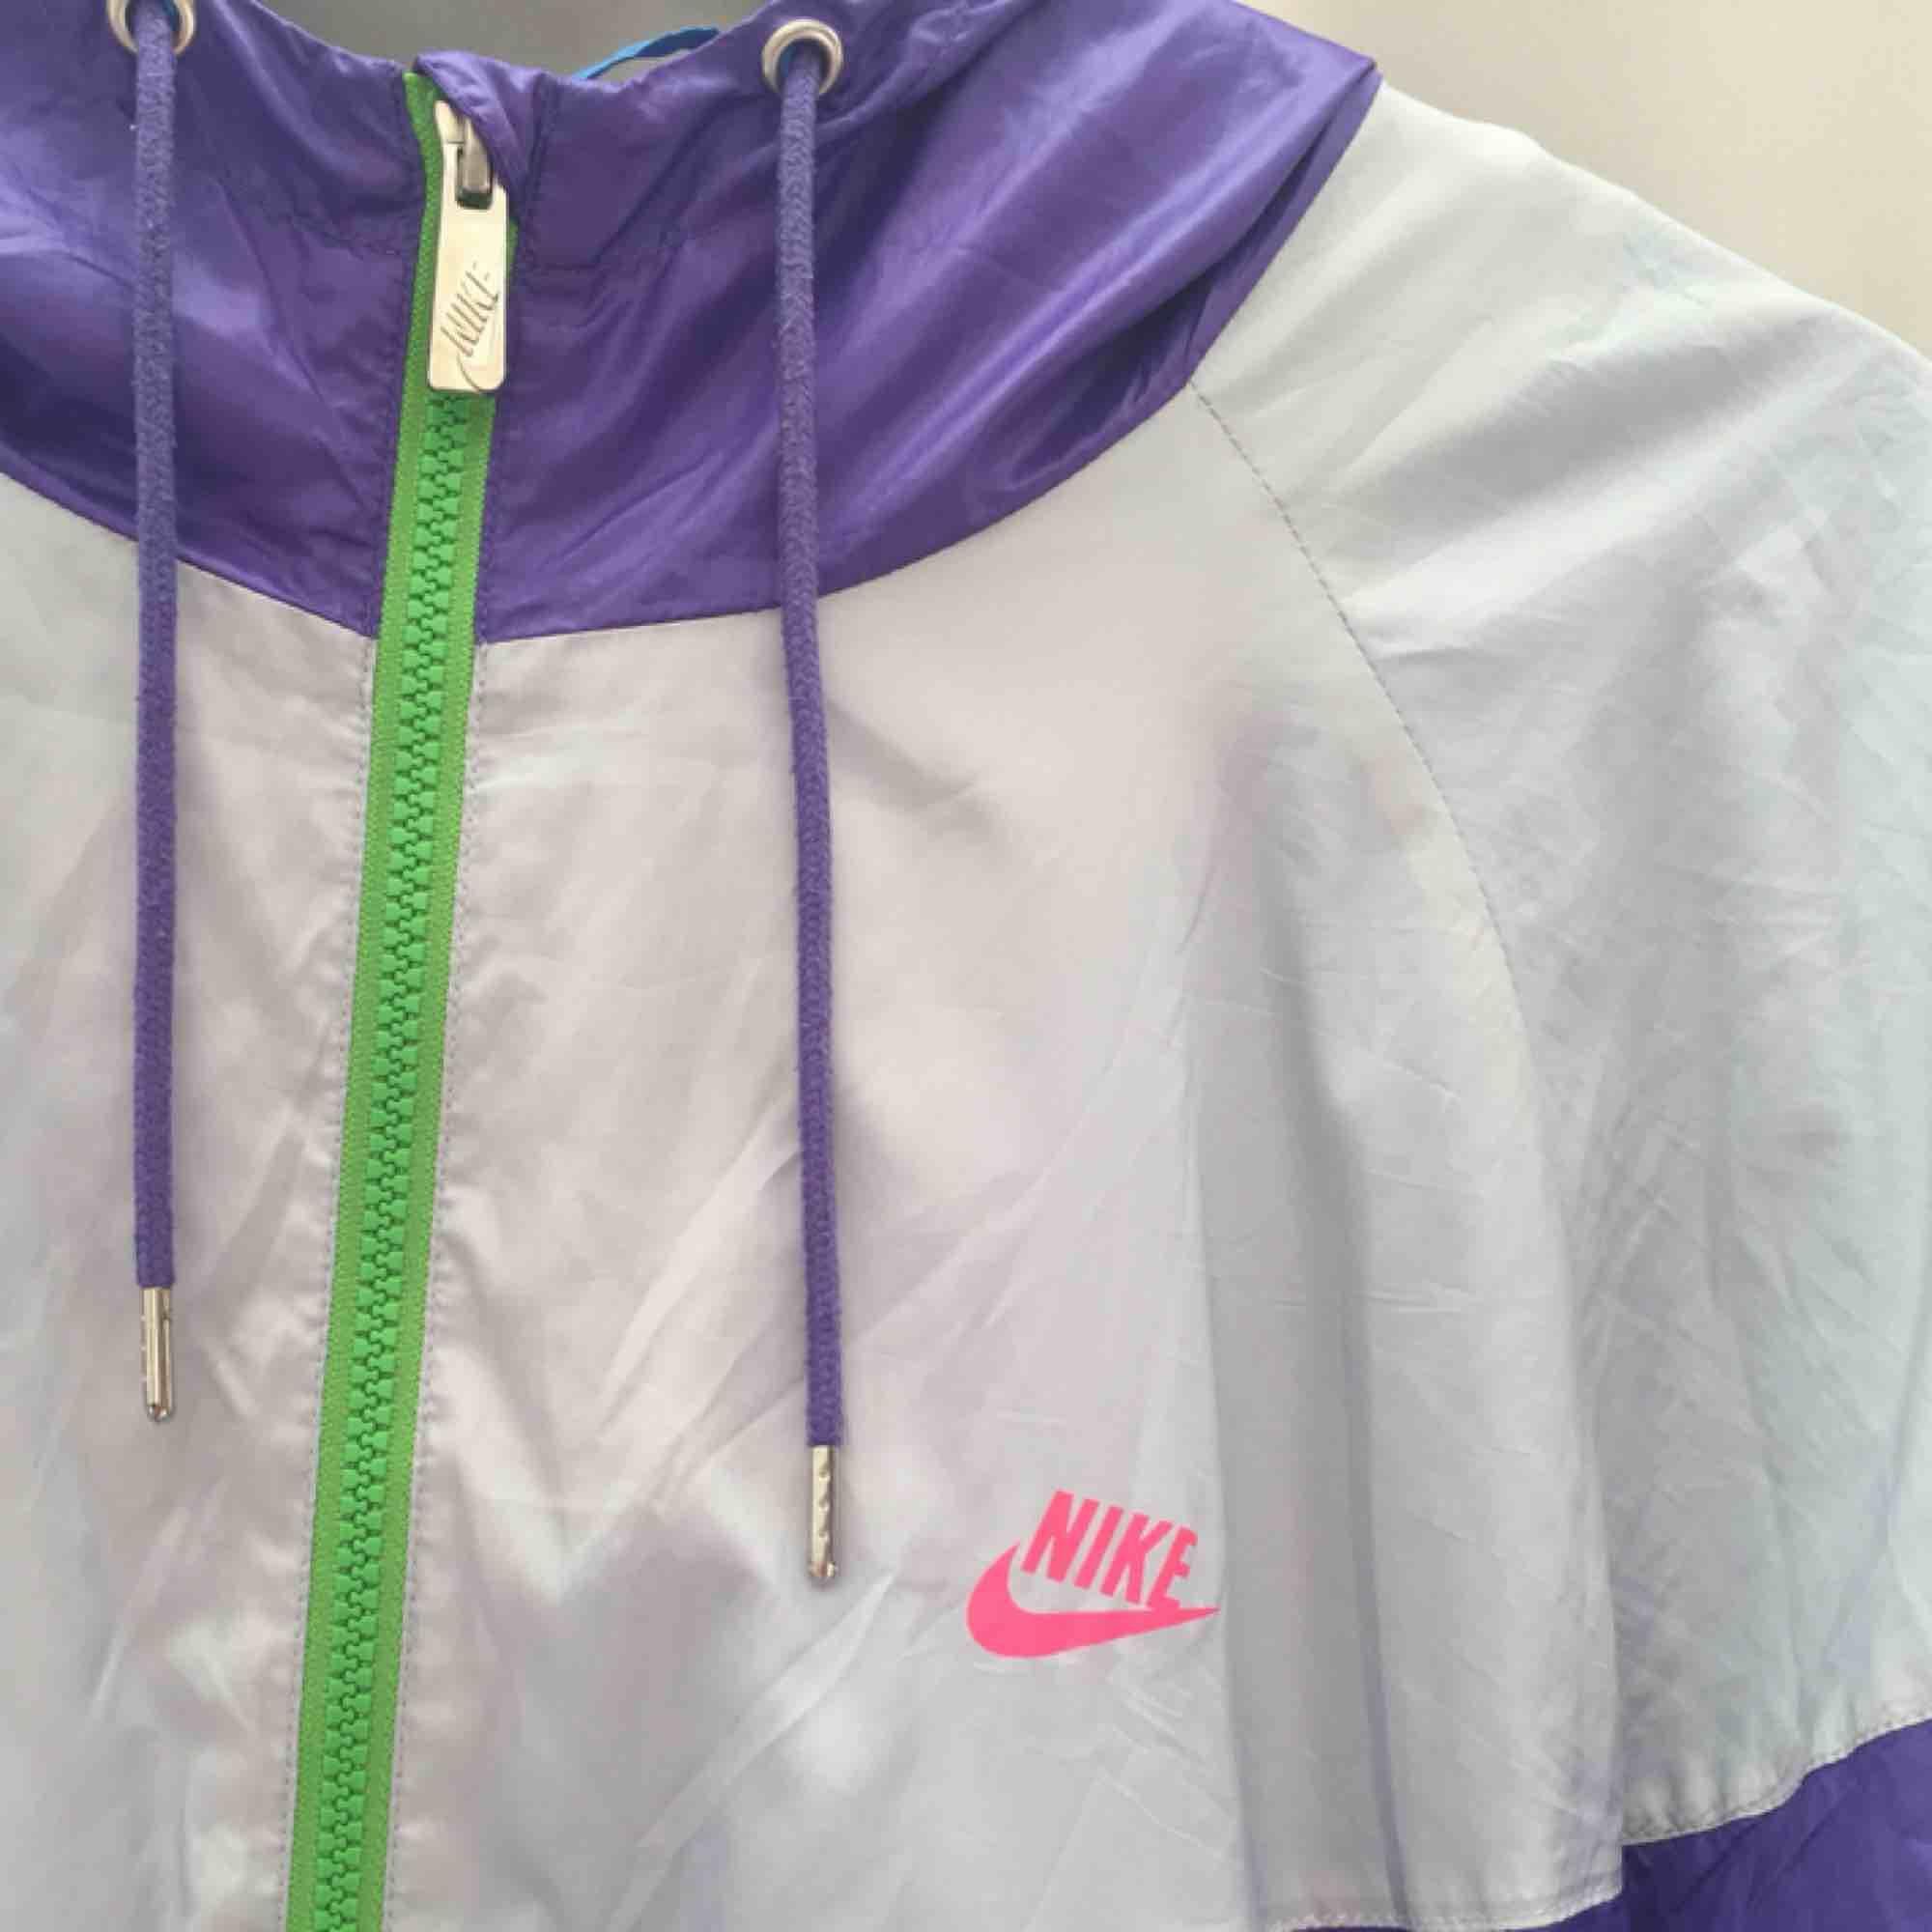 En jätte cool och unik vindjacka från Nike, väldigt vintage och as snygg oversized. Har ett litet hål/reva bak men det syns knappt när man viker upp jackan.  Passar absolut både tjej och kille lika bra!. Jackor.